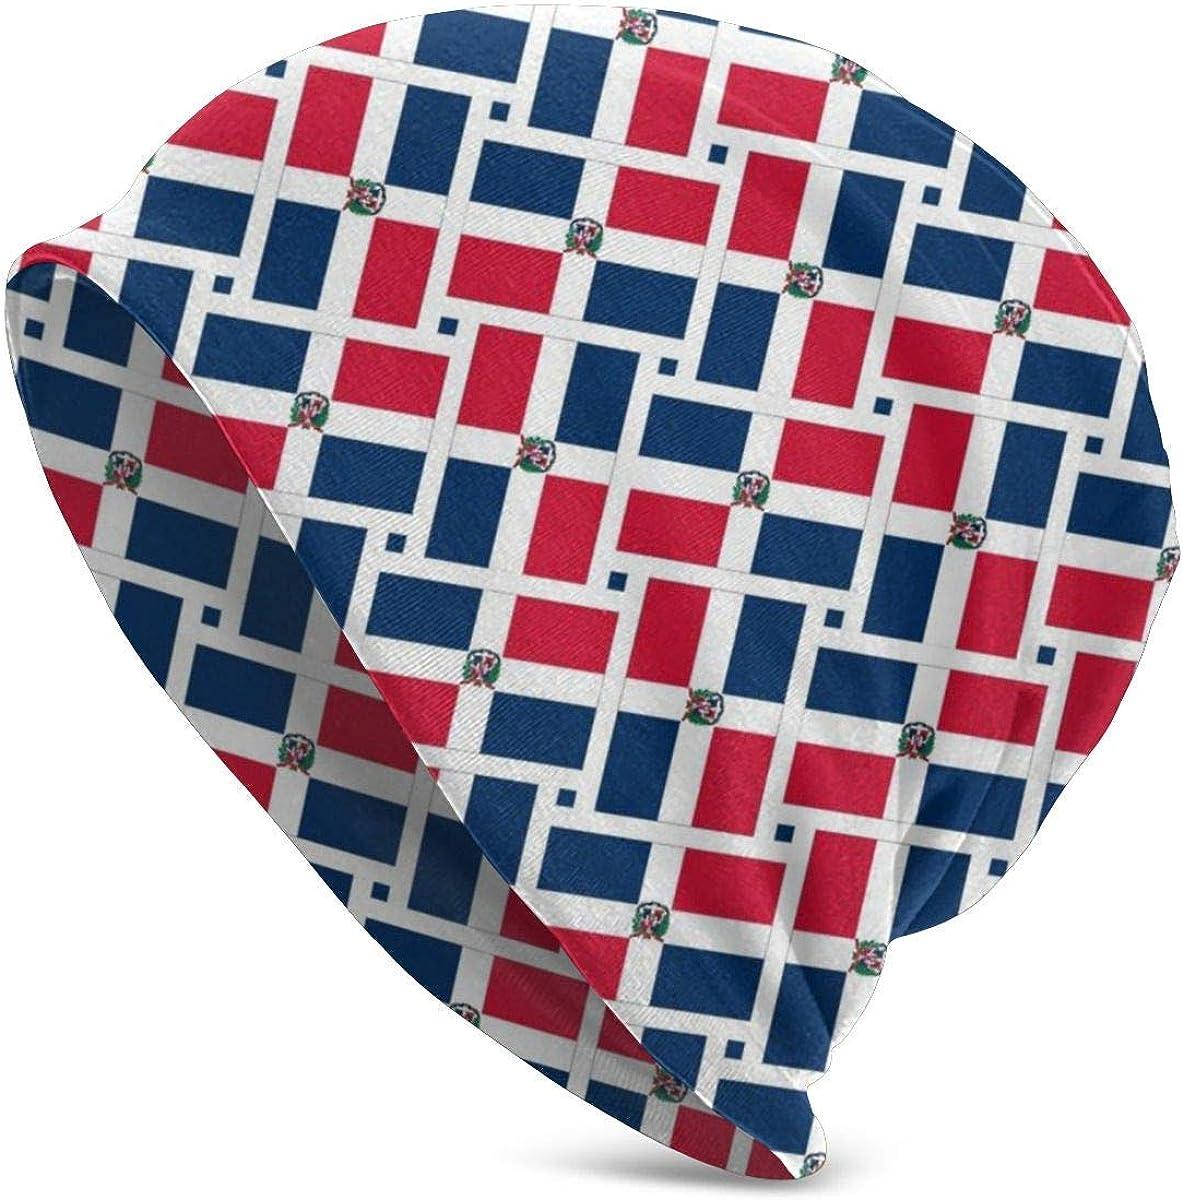 136 Gorro con bandera de la República Dominicana, ligero, holgado, elástico, turbante para hombres y mujeres